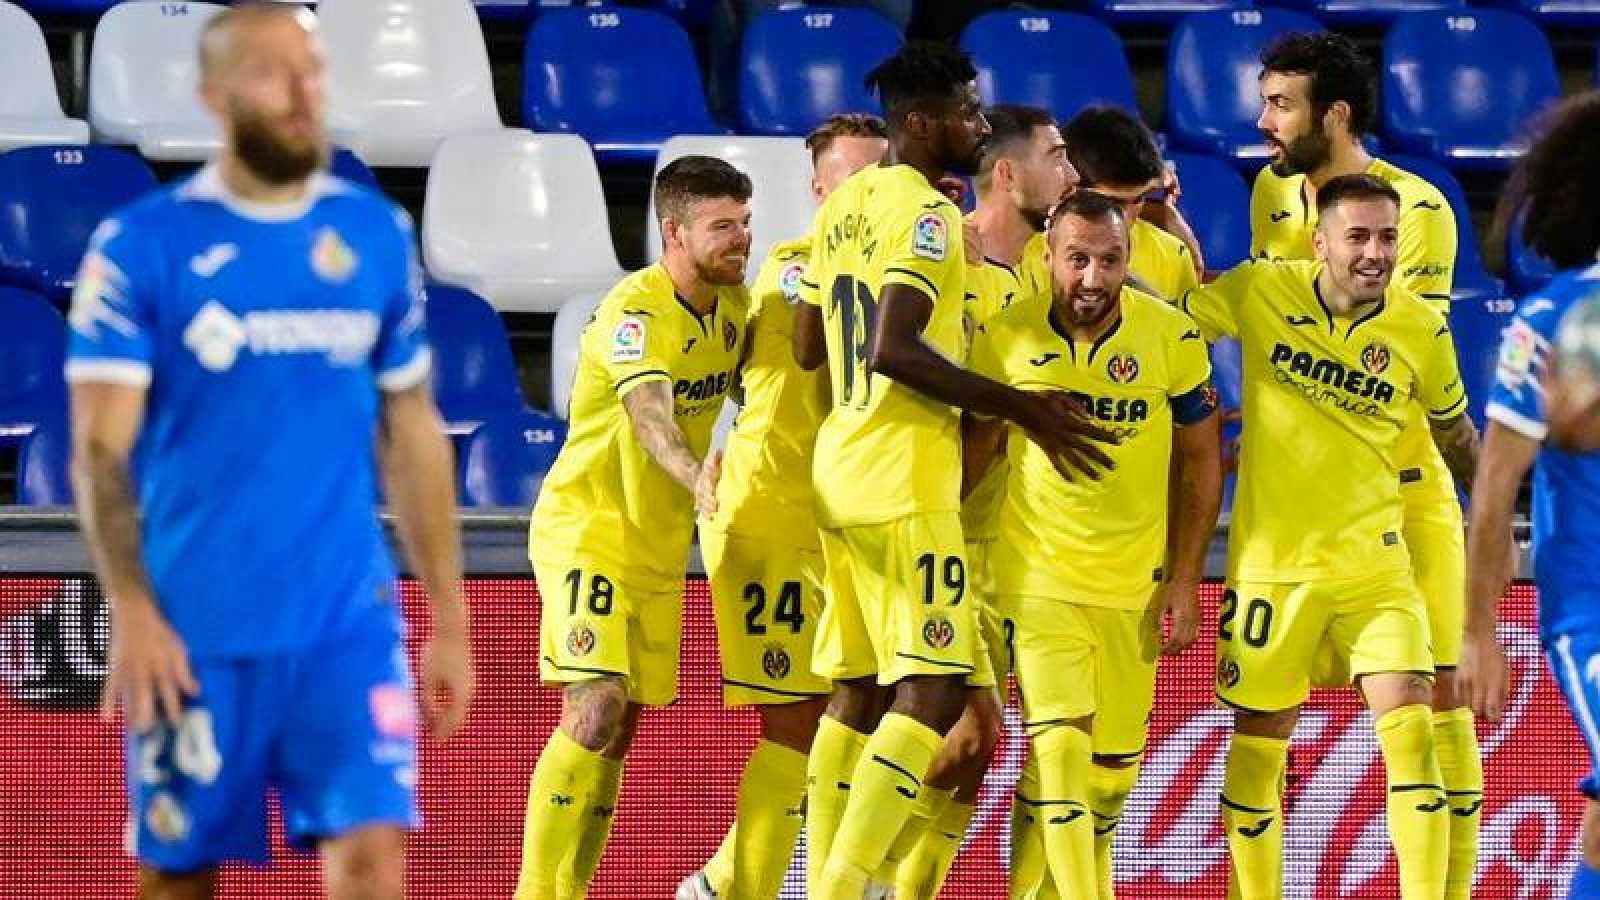 El Villarreal ha derrotado al Getafe liderado por Cazorla.